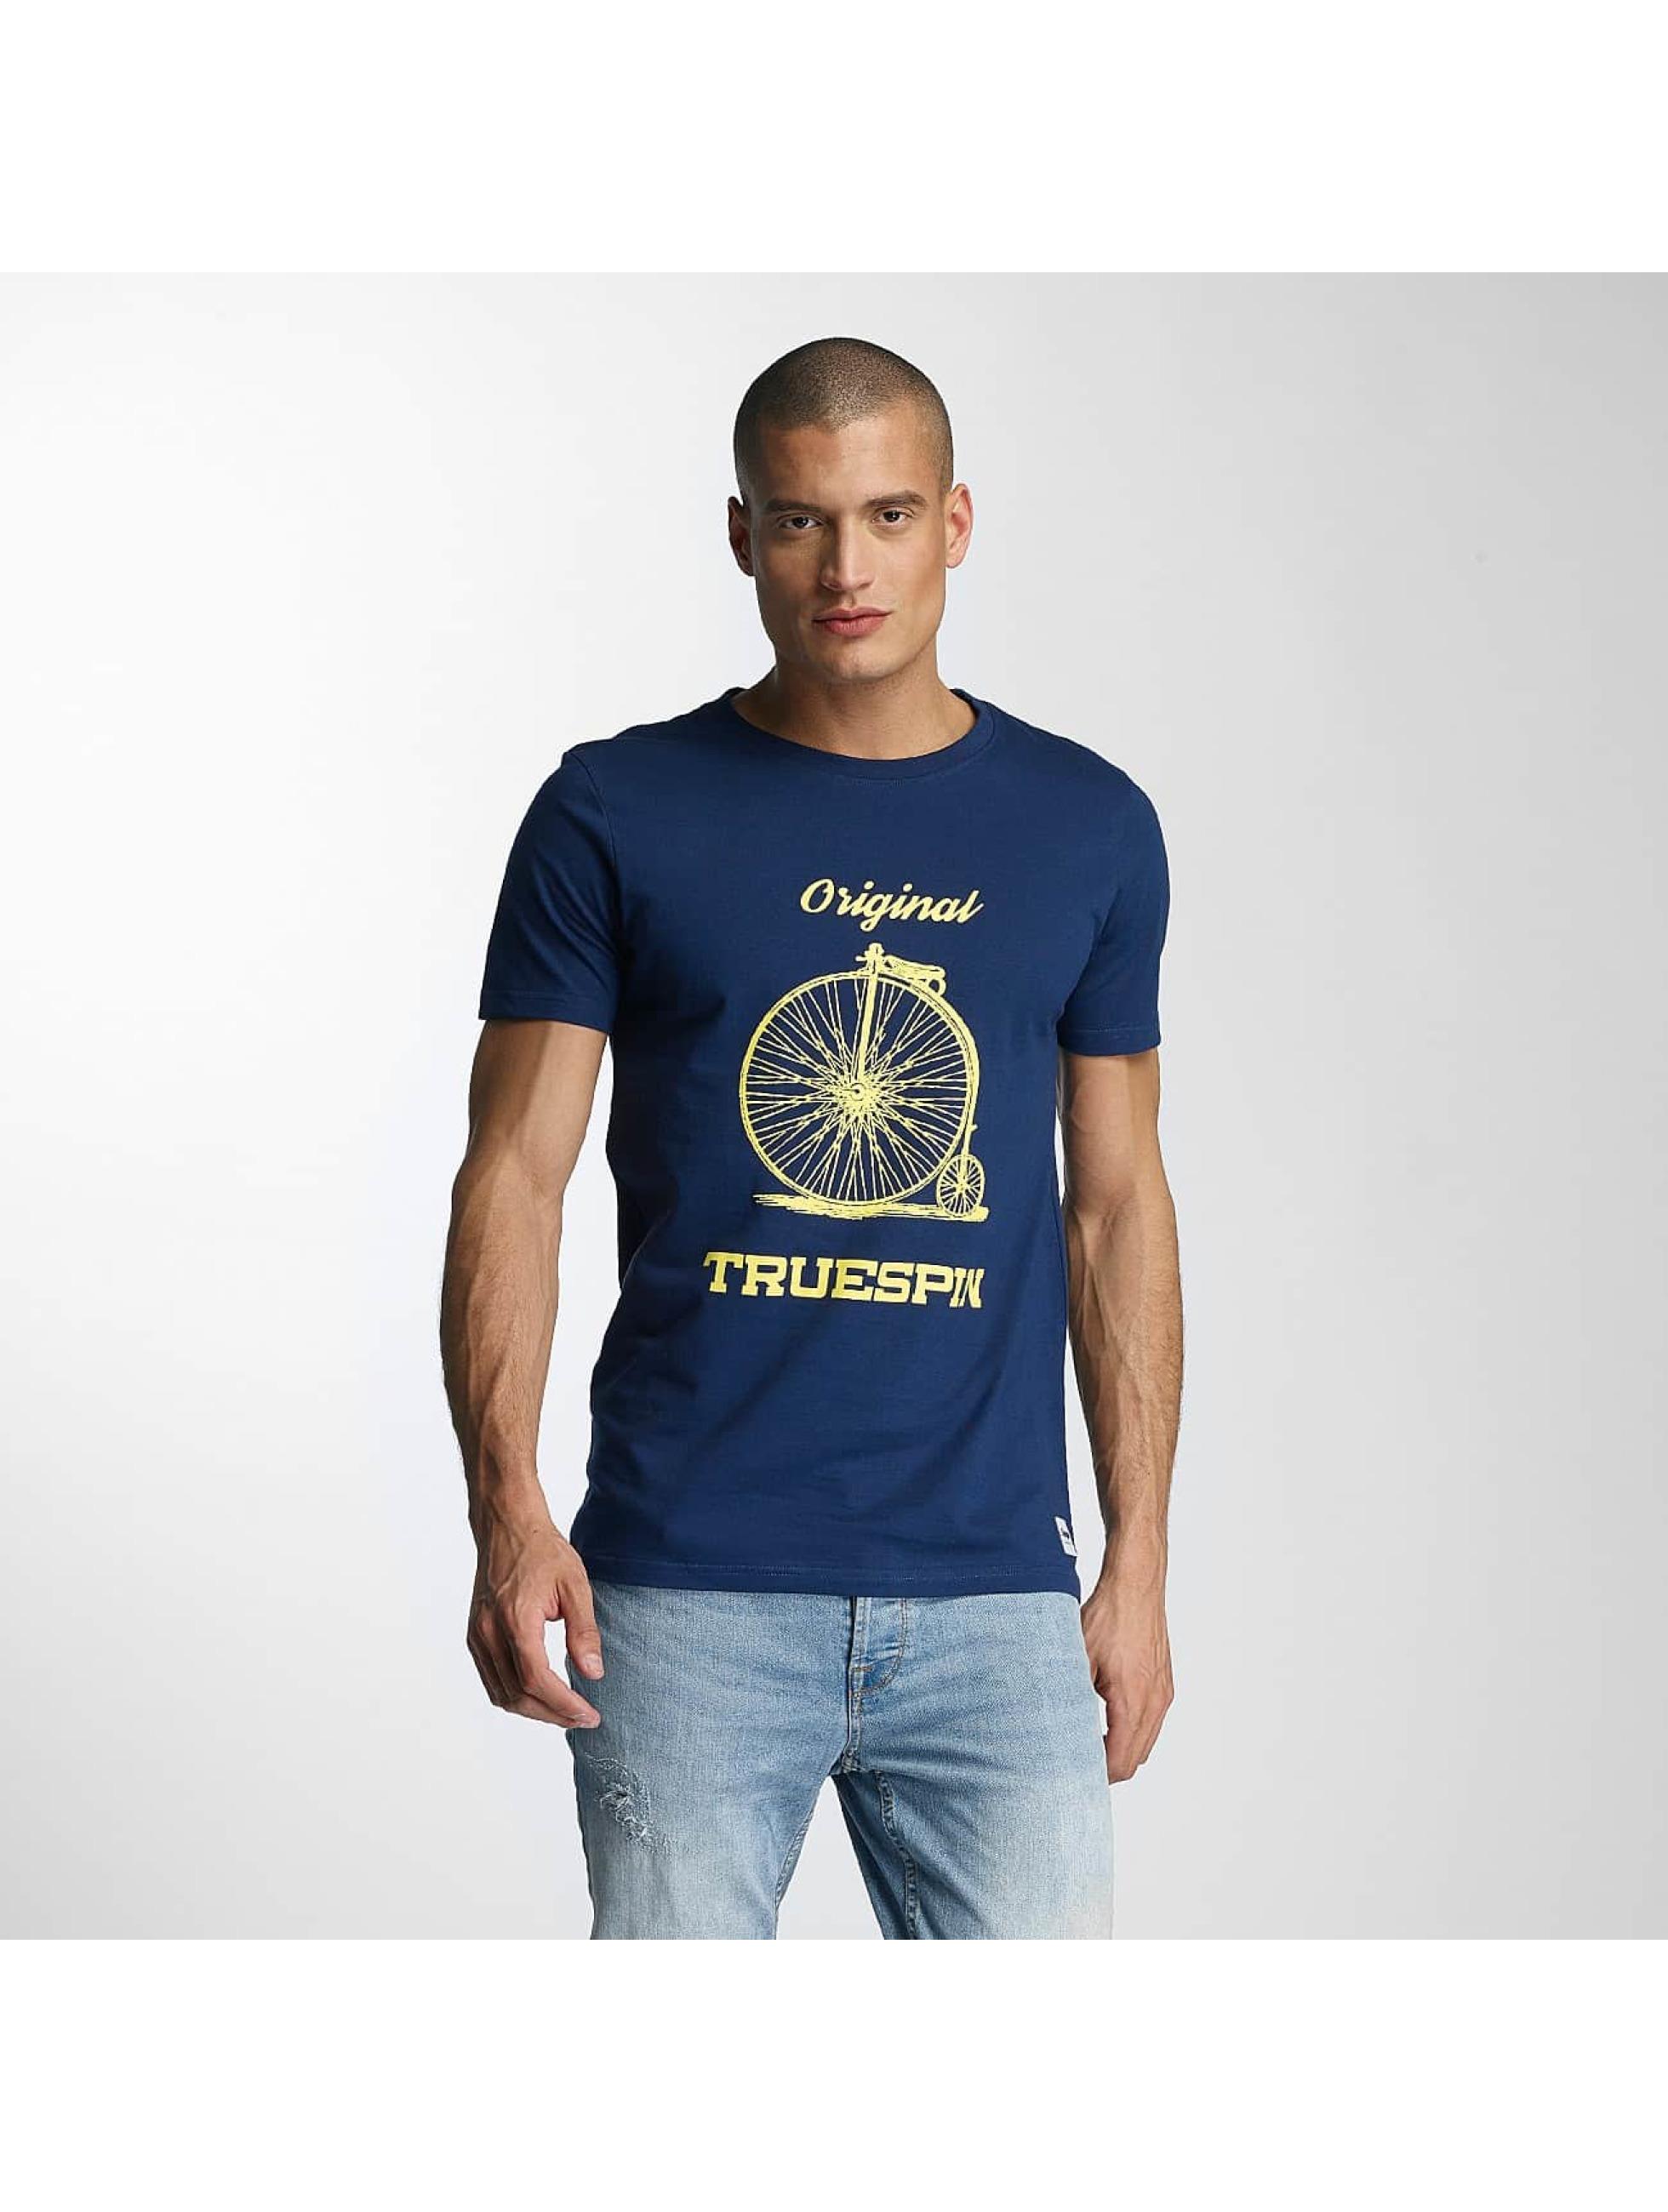 TrueSpin t-shirt 6 blauw